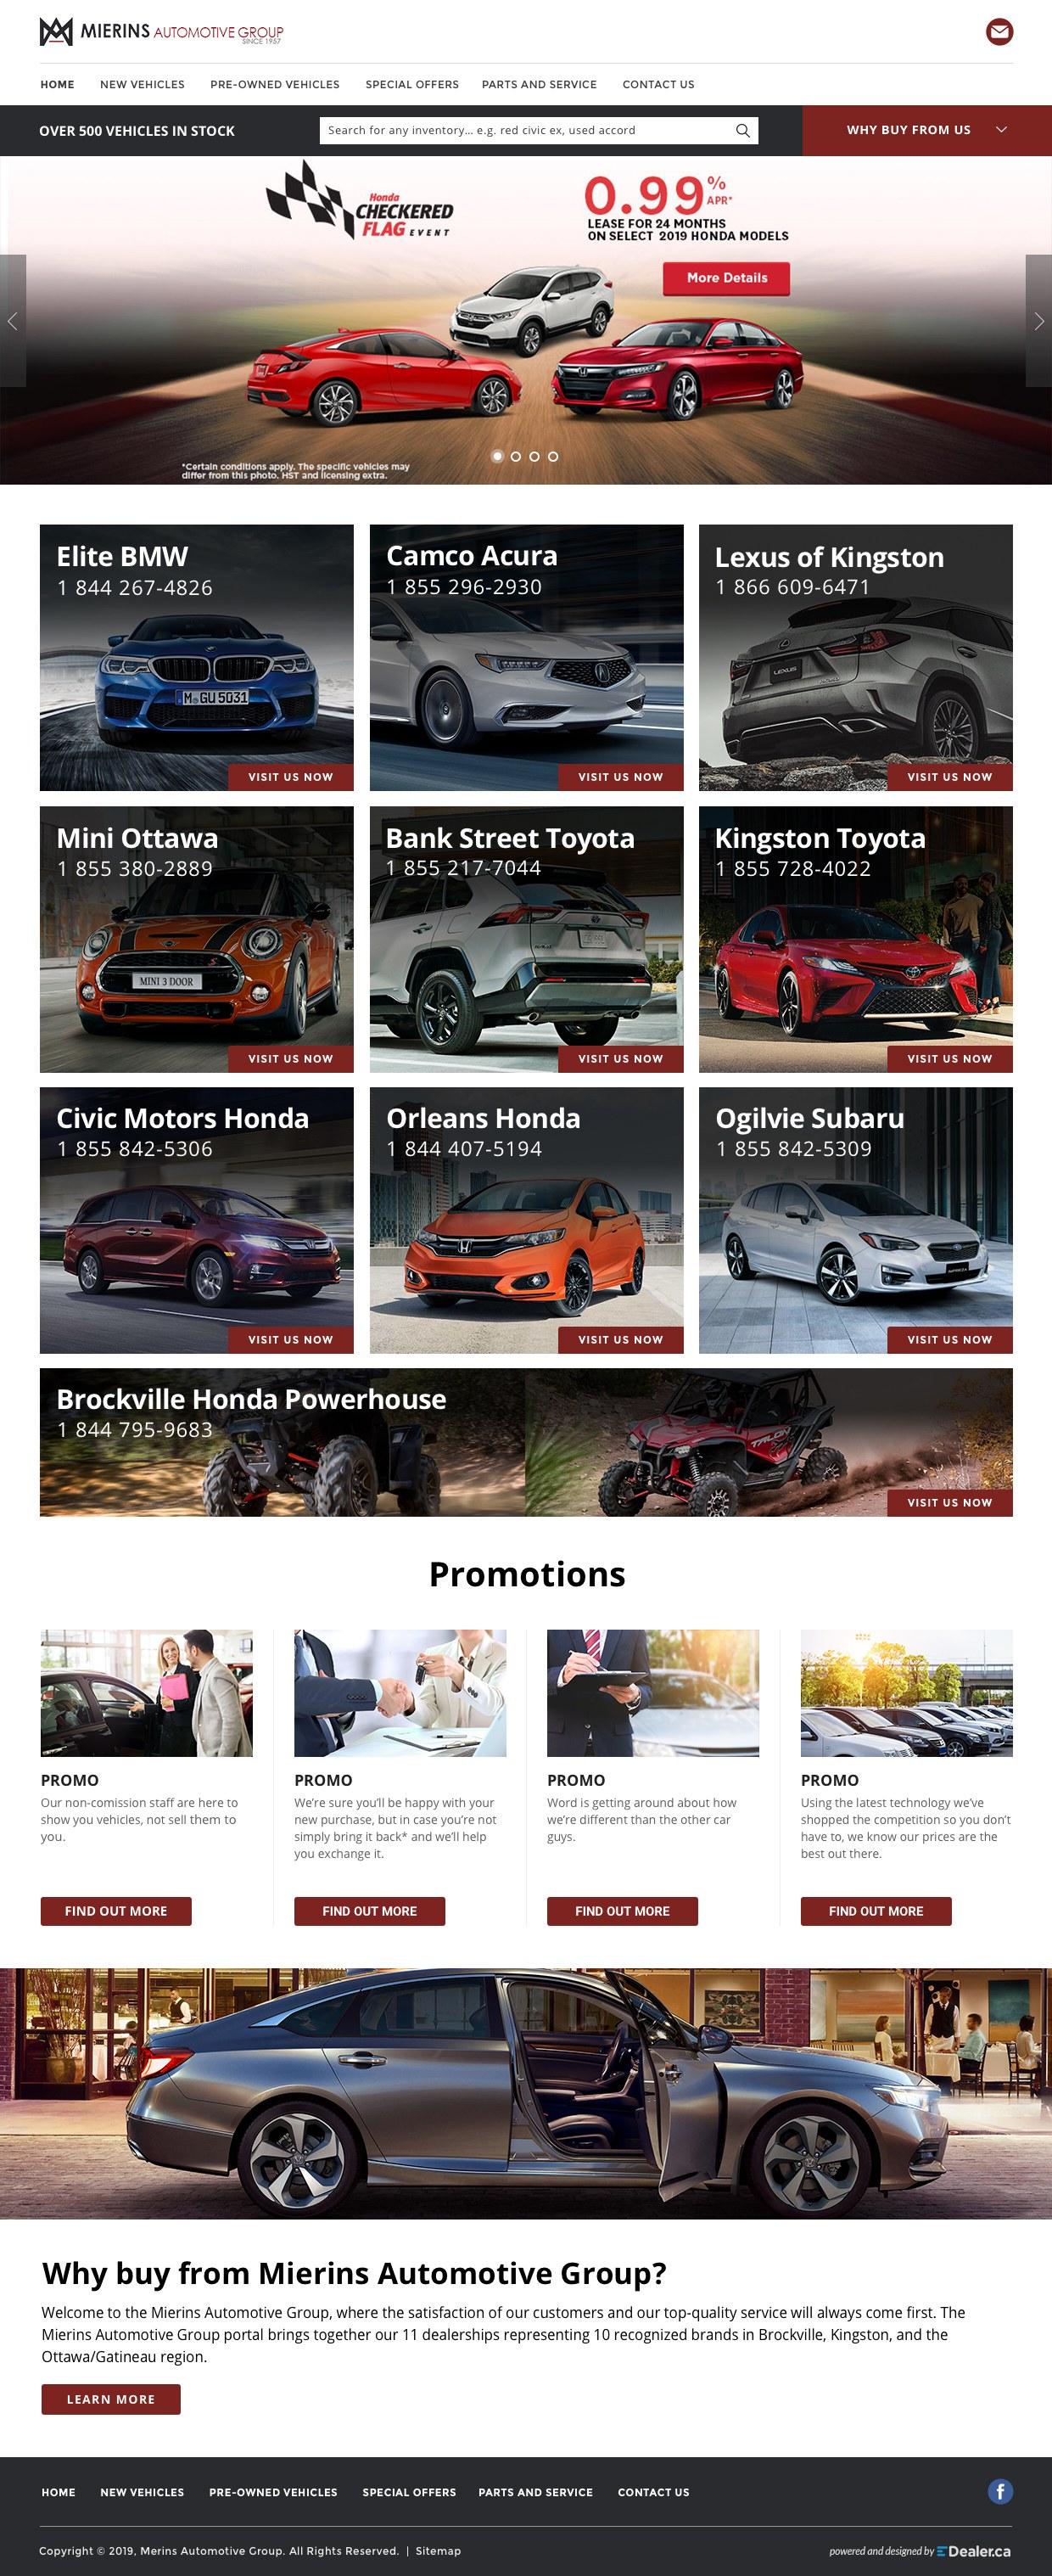 Mierins Automotive Group